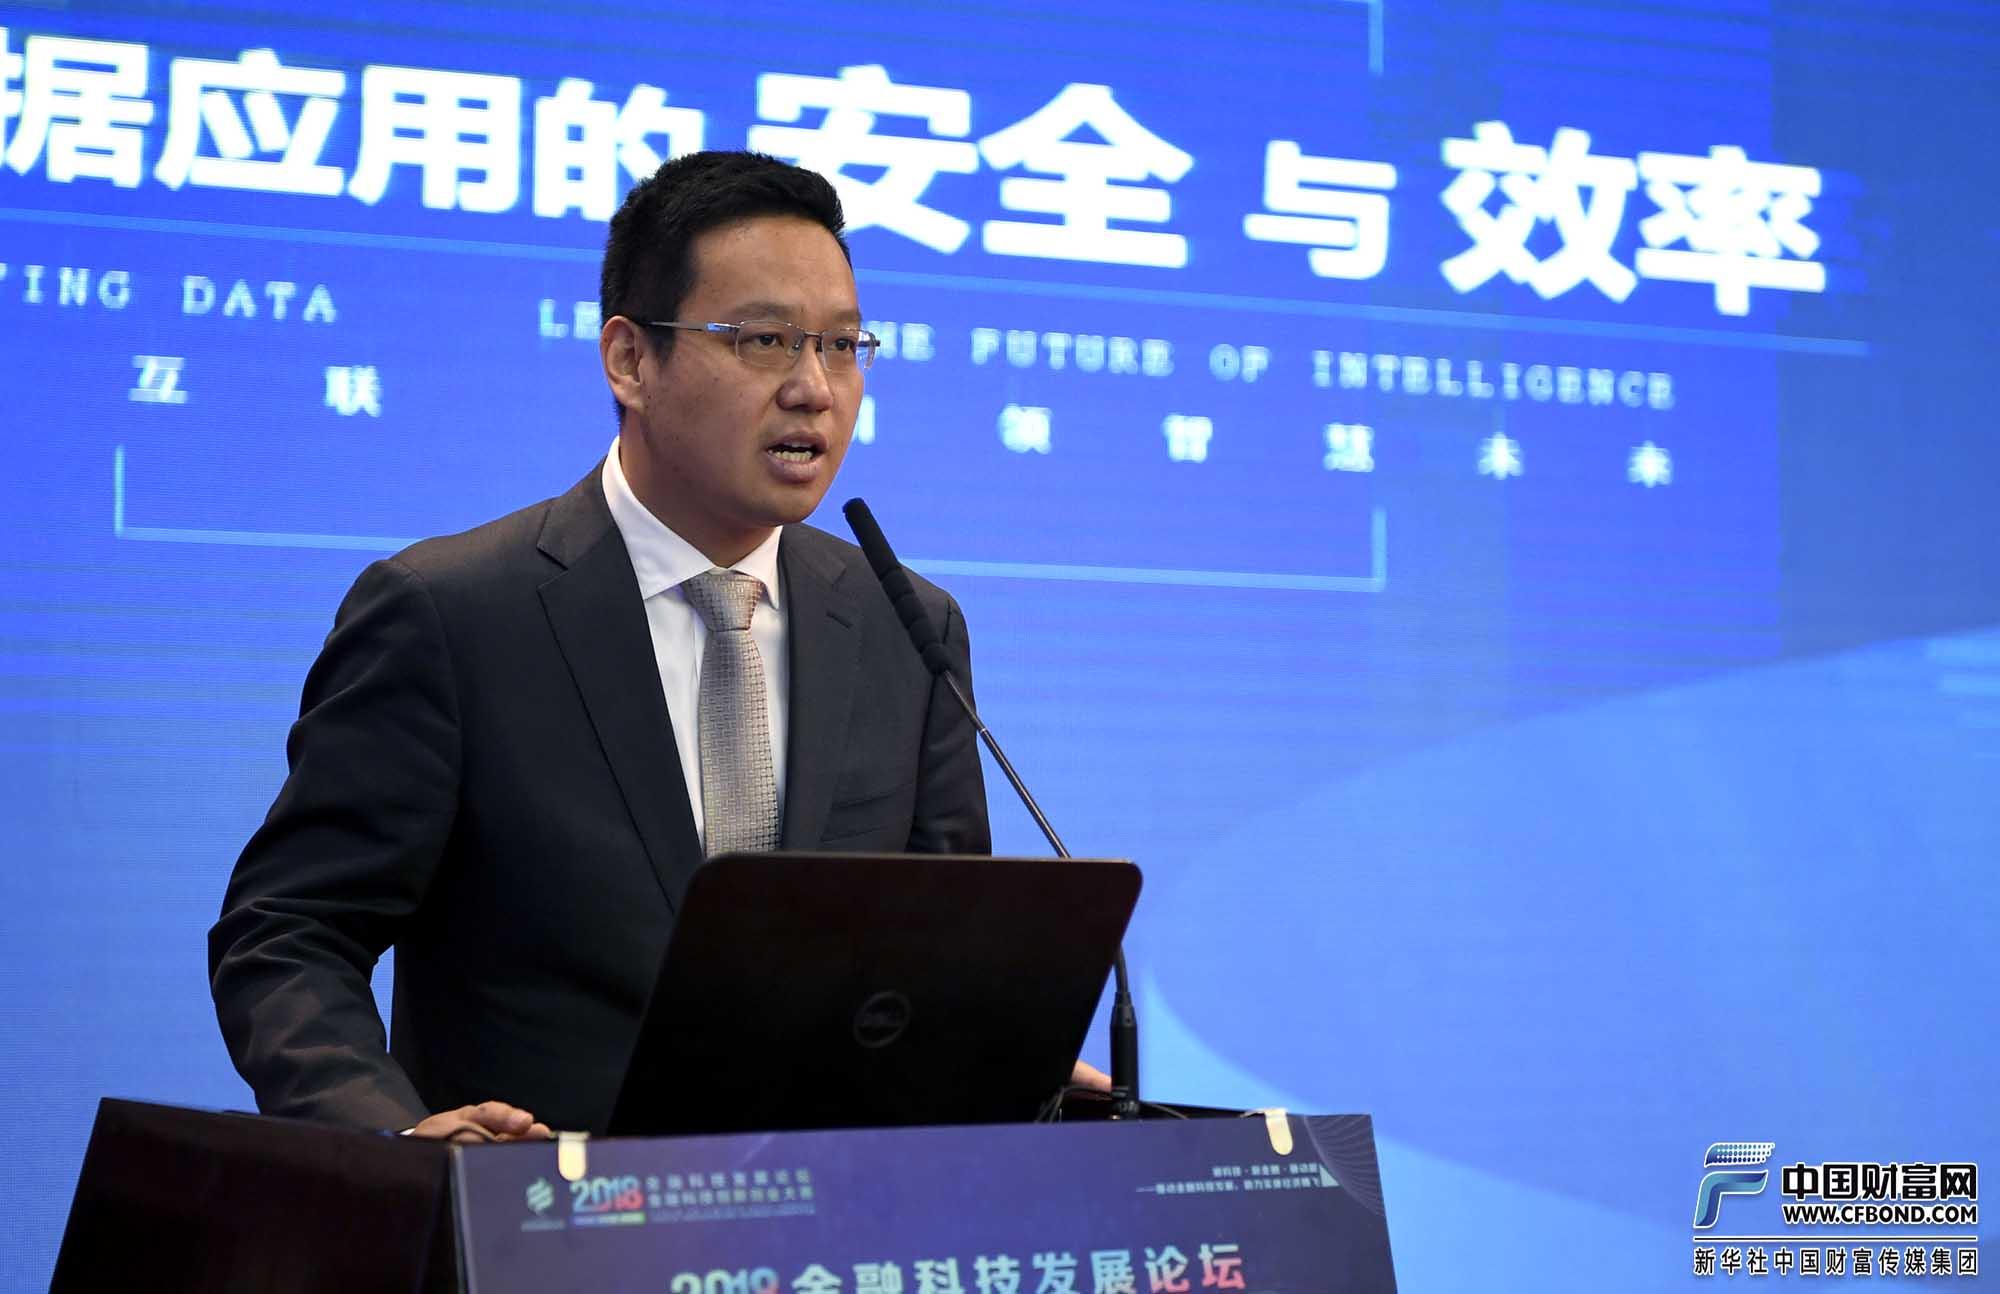 上海数据交易中心CEO特别助理兼北方区总经理牛双云演讲